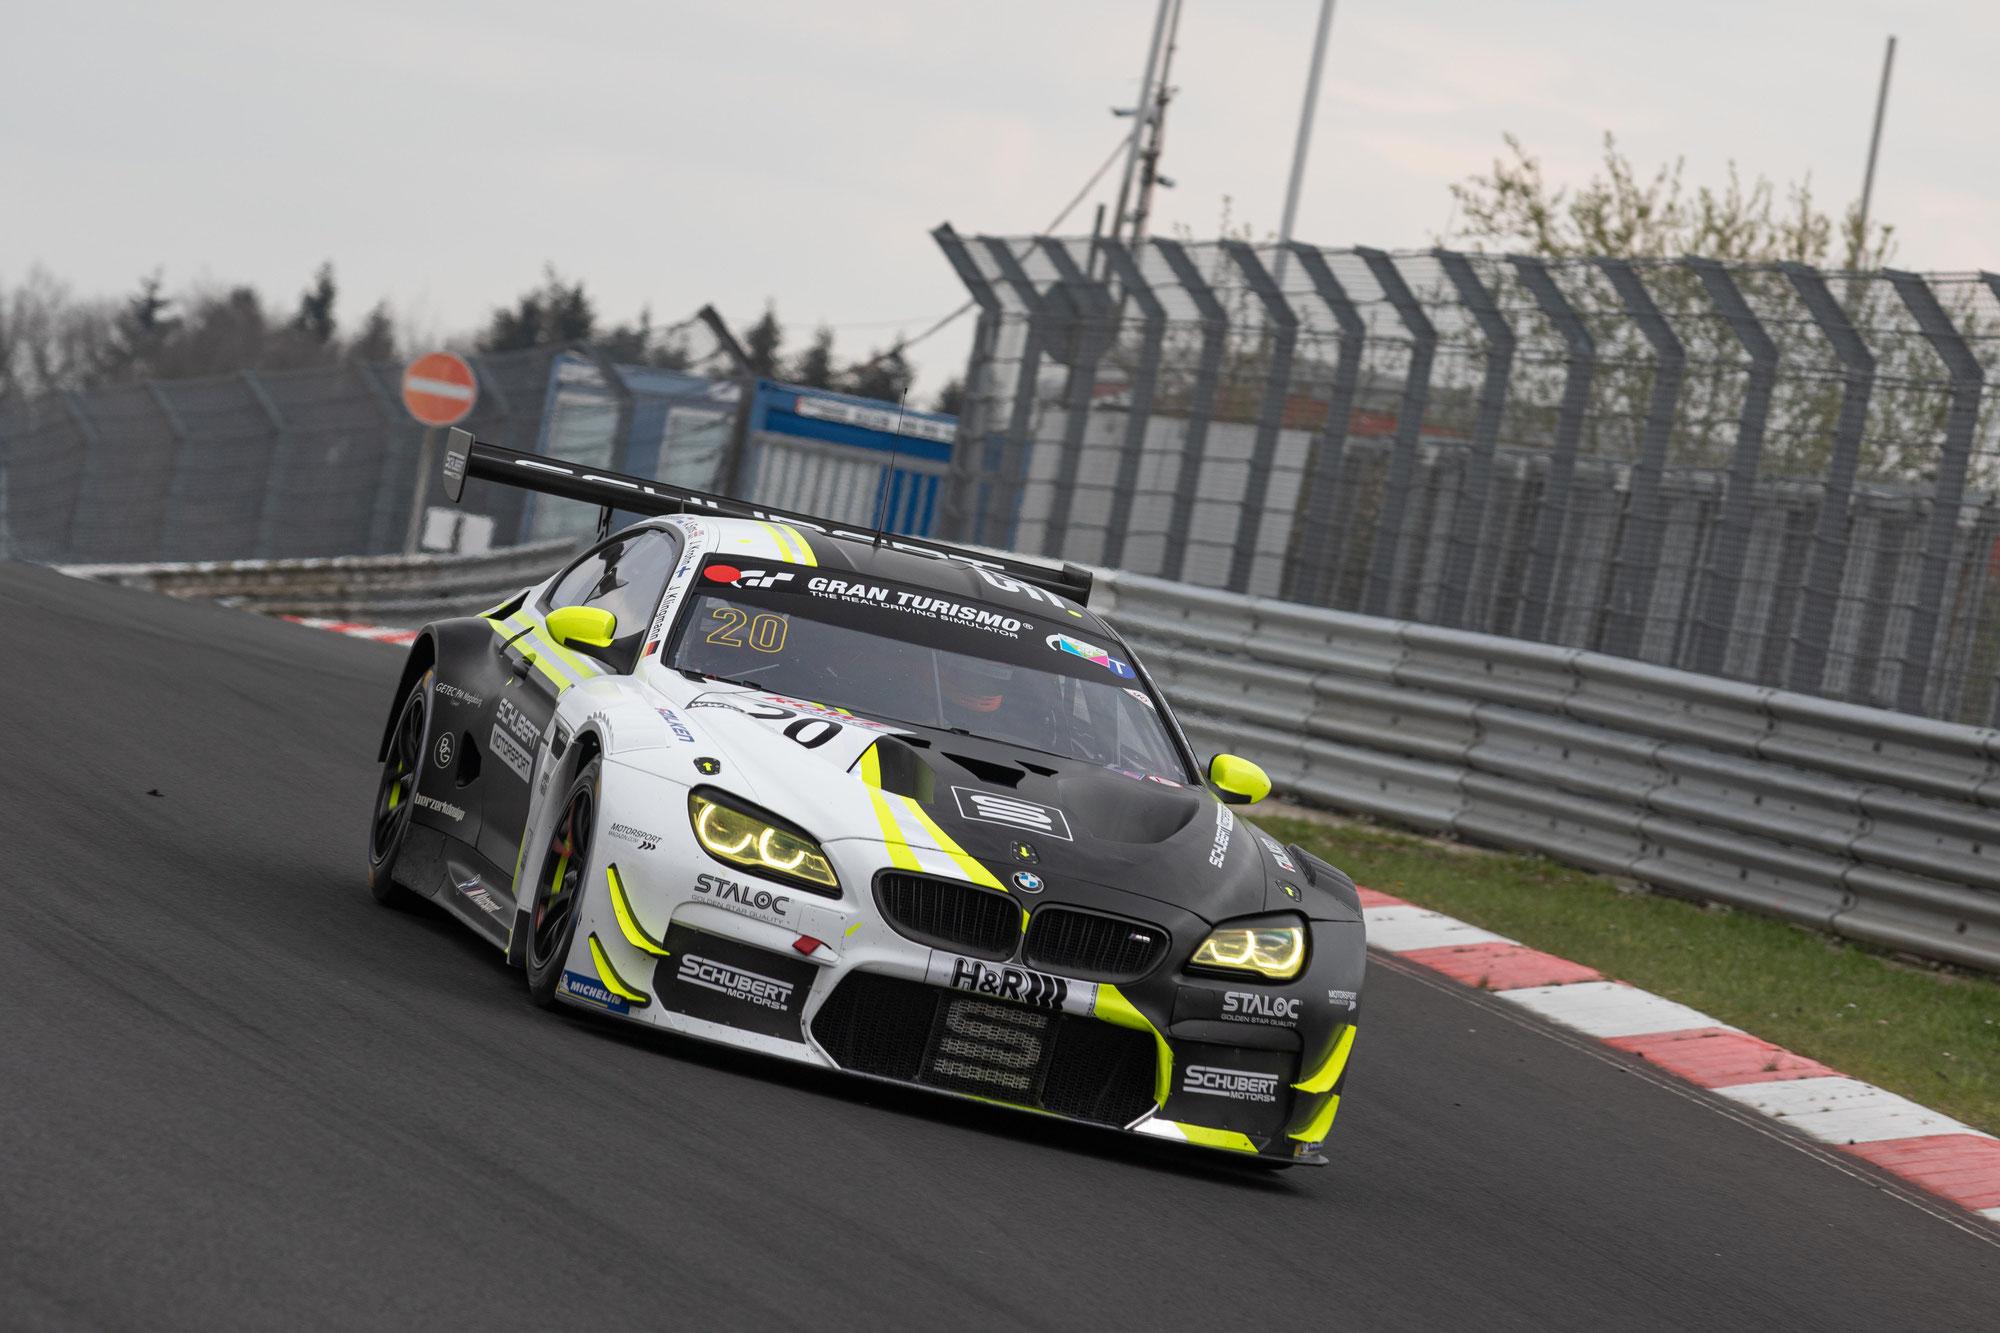 Schubert Motorsport setzt Ausrufezeichen in der NLS: Pole Position beim Comeback mit dem BMW M6 GT3 auf der Nordschleife